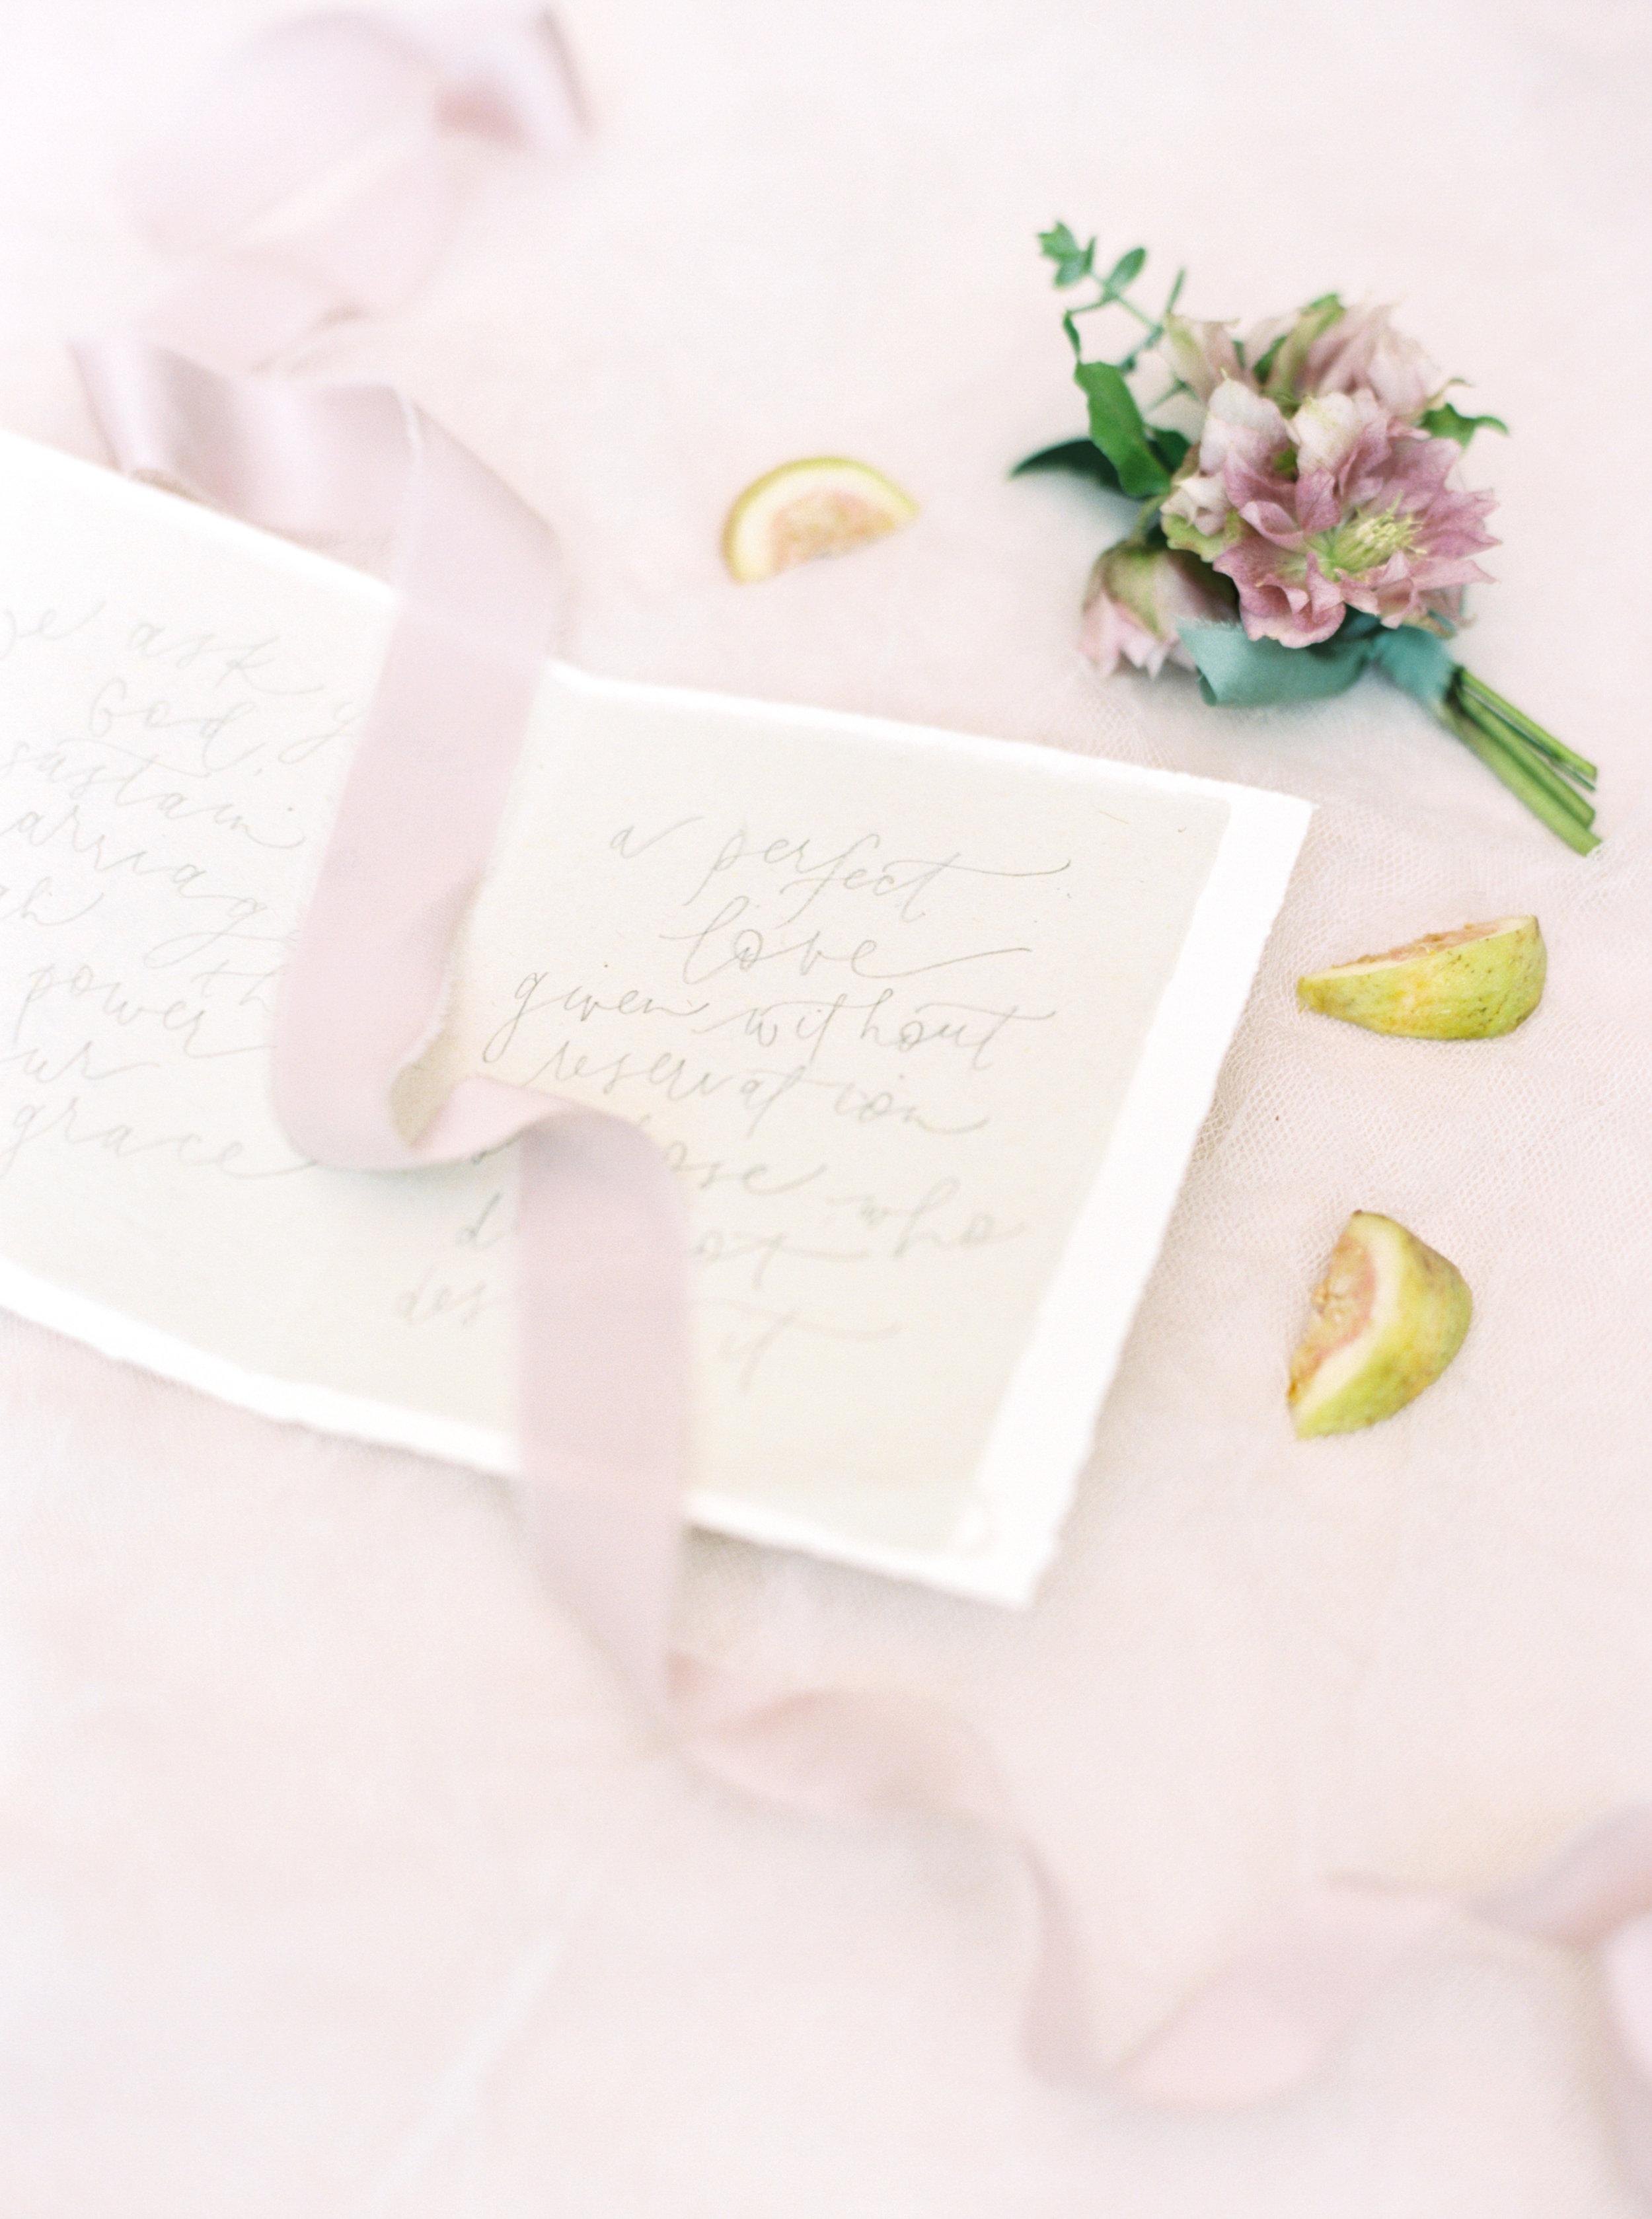 Wahoo_Grill_Atlanta_Indian_Wedding_Abigail_Malone_Photgoraphy_FIlm-160.jpg